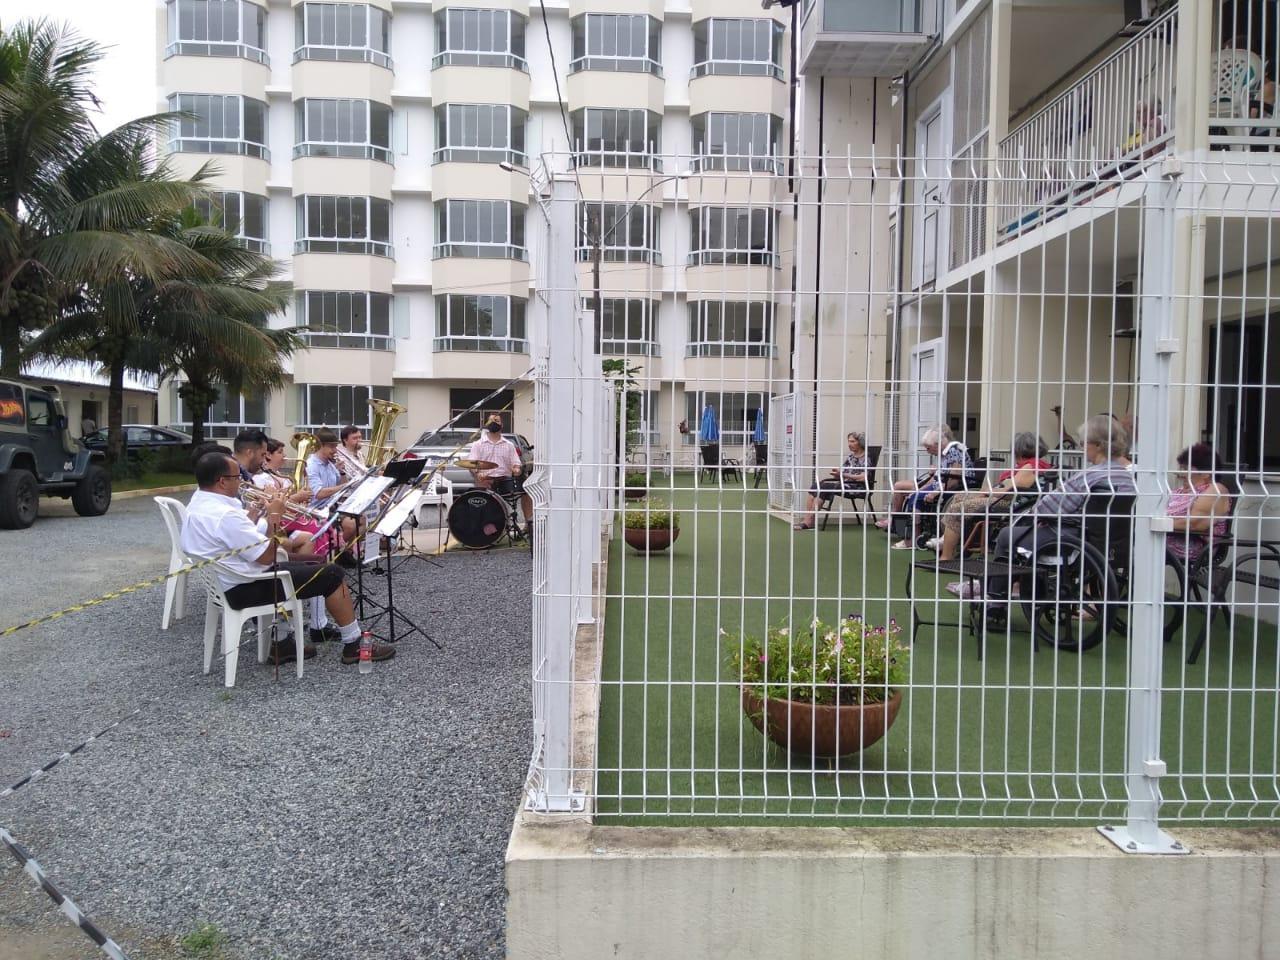 Projeto cultural leva música típica alemã para idosos em casas de repouso em Blumenau - Aline Camargo/ND Mais